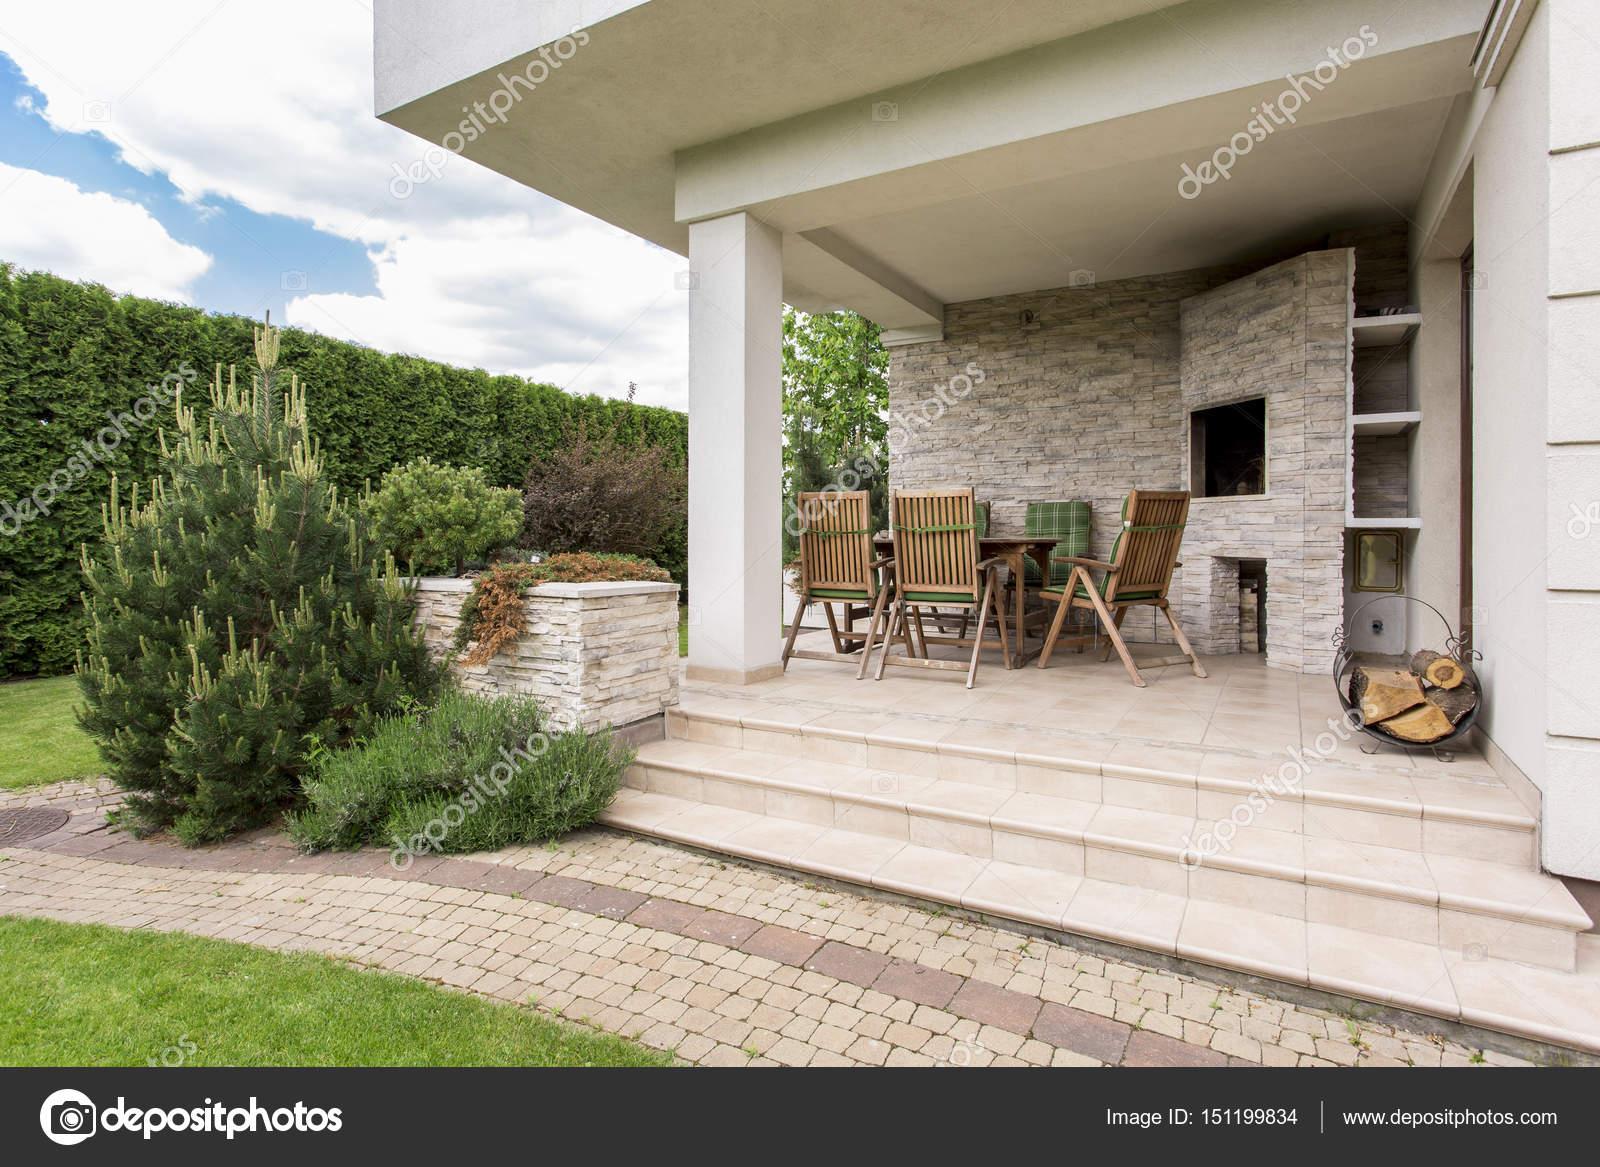 Huis met terras u2014 stockfoto © photographee.eu #151199834